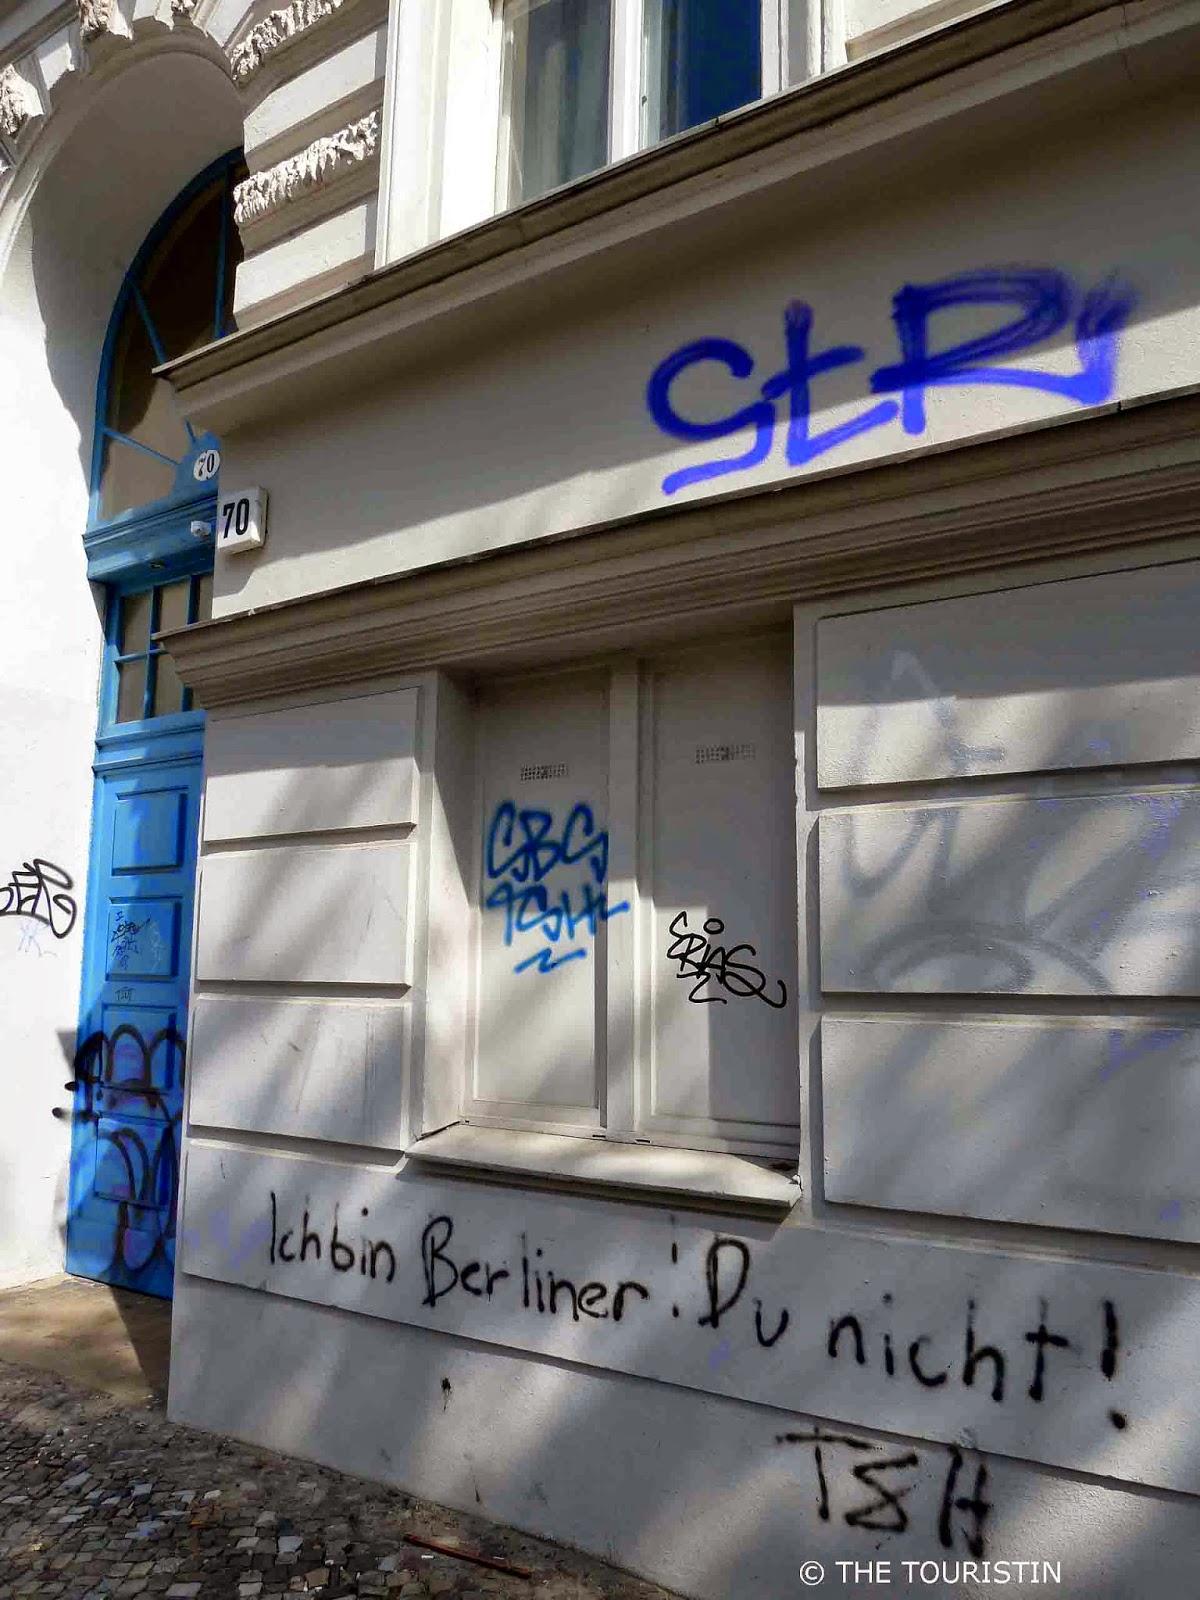 Ich bin Berliner. Du nicht!